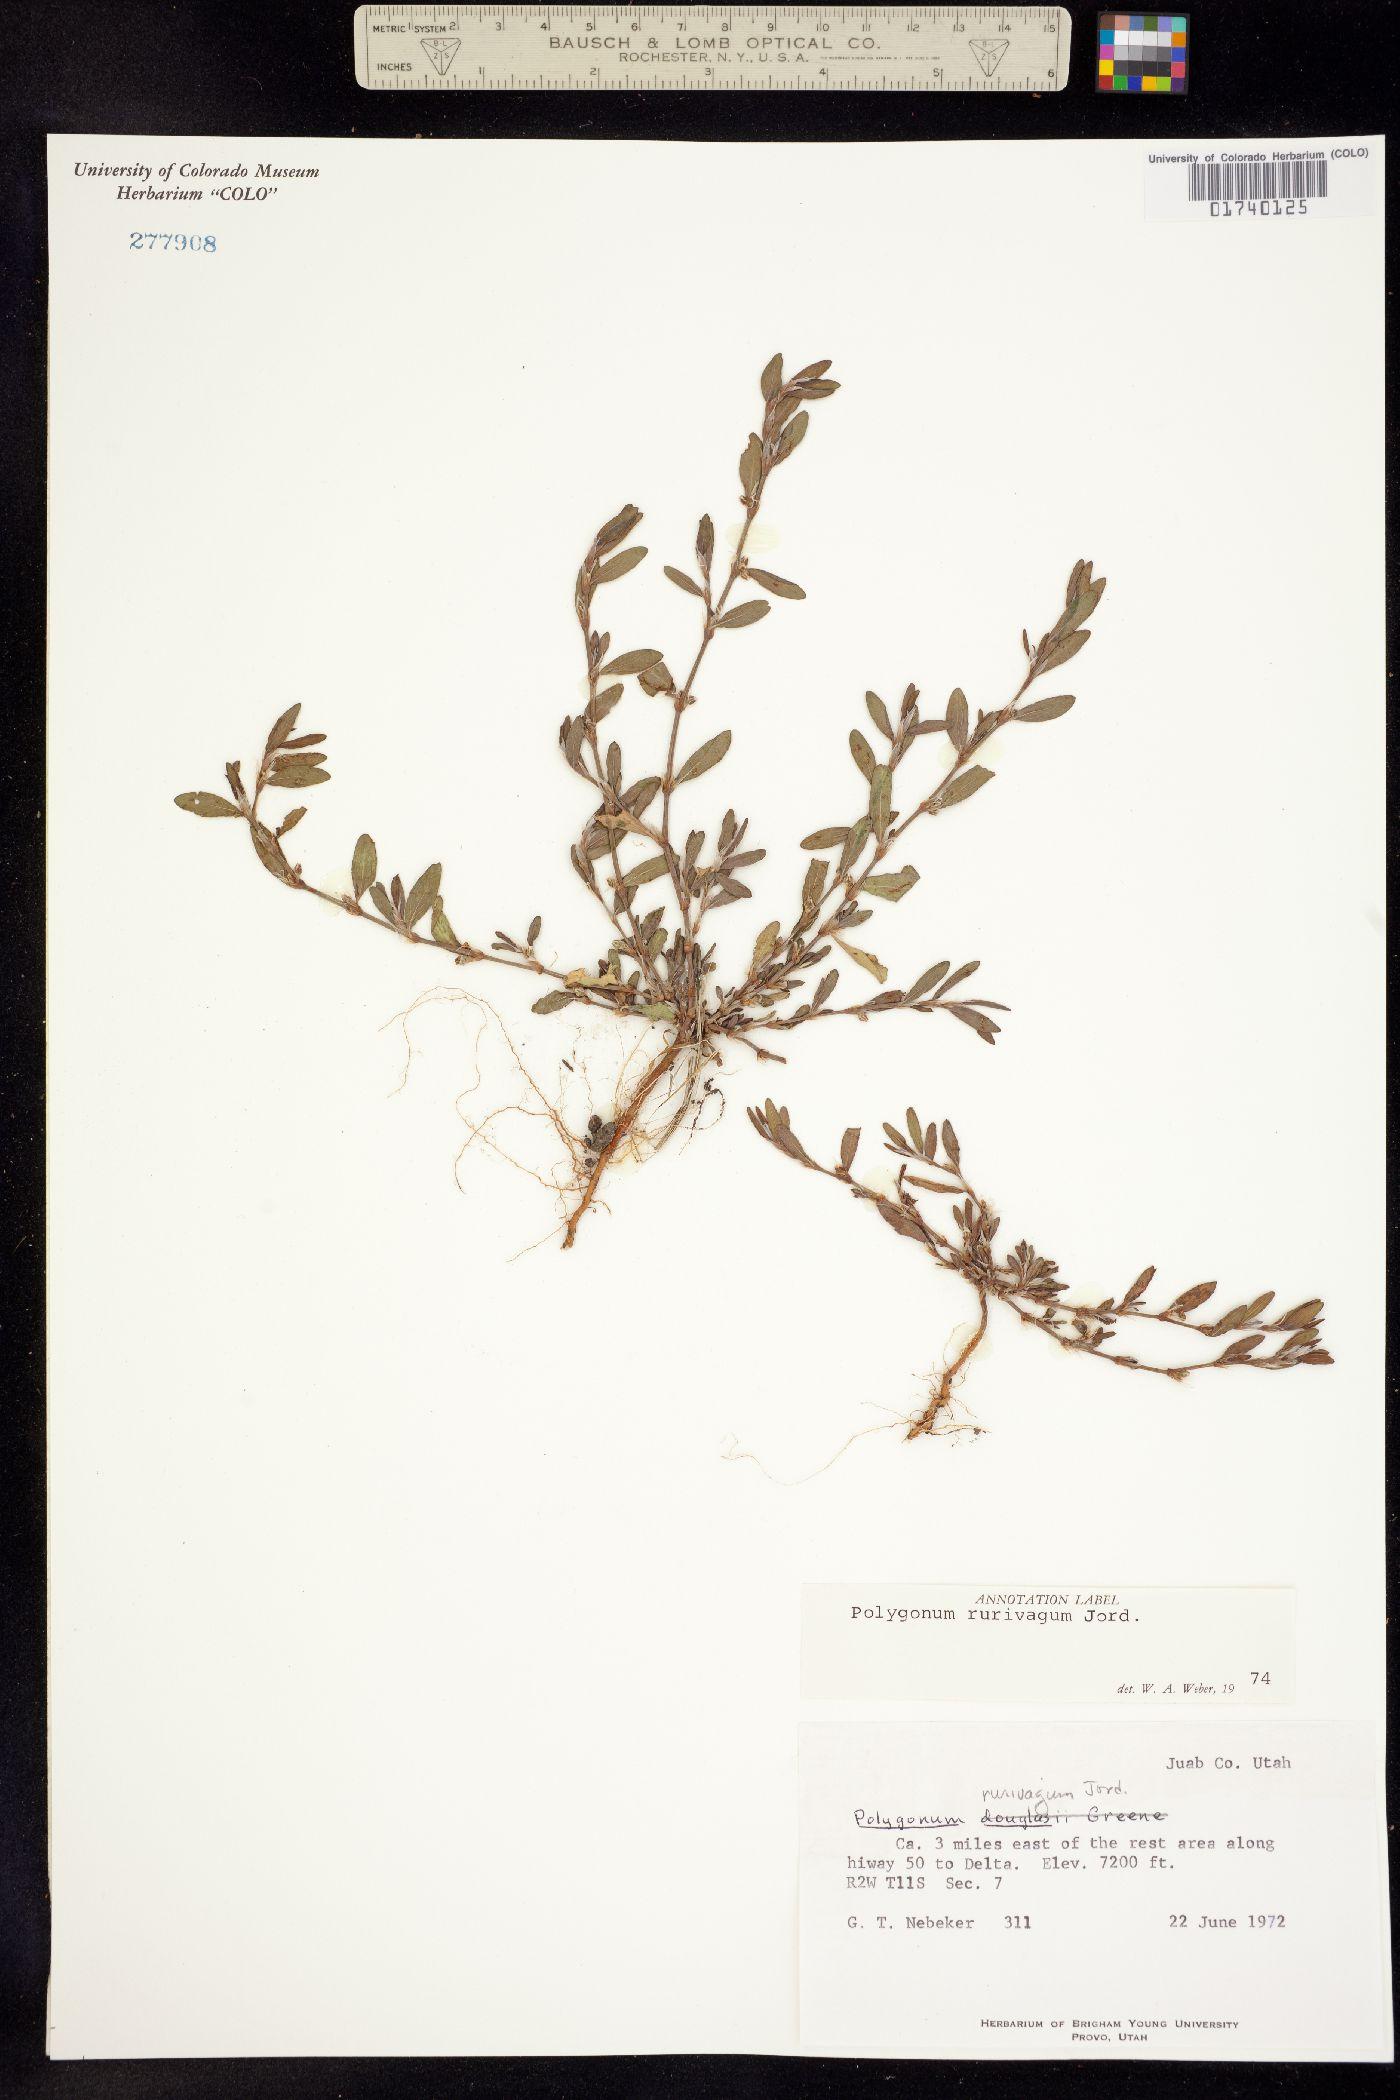 Polygonum aviculare ssp. rurivagum image